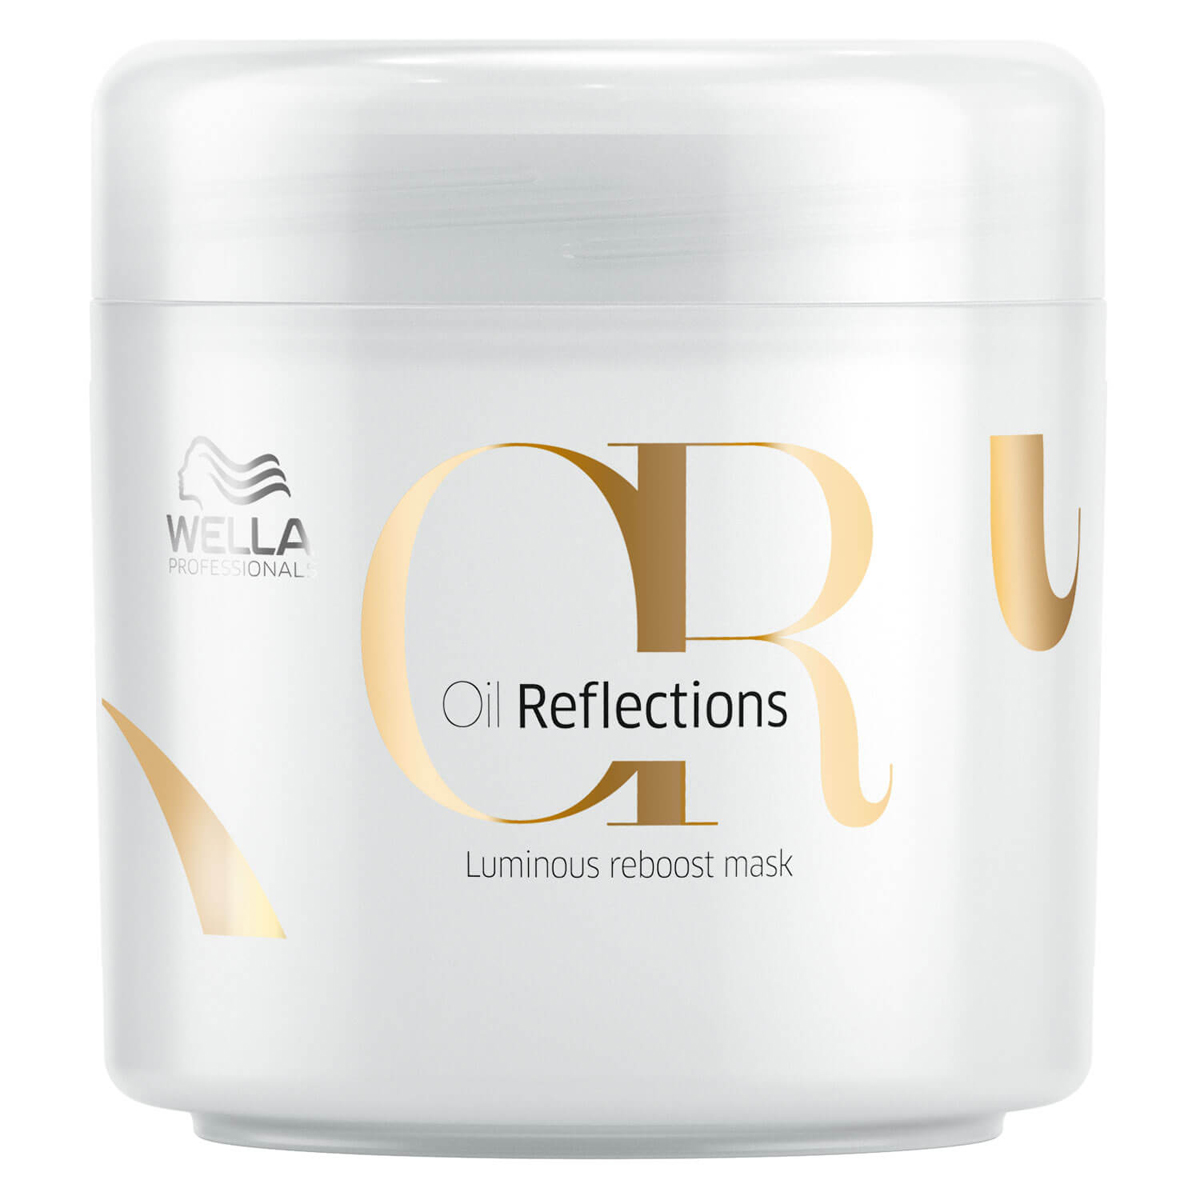 Wella Oil Reflections Luminous Reboost Mask Маска для интенсивного блеска волос, 150 мл81557382Интенсивная маска для придания сияющего блеска волосам. С маслом камелии и экстрактом белого чая. Подходит для всех типов волос. Объем: 150 мл